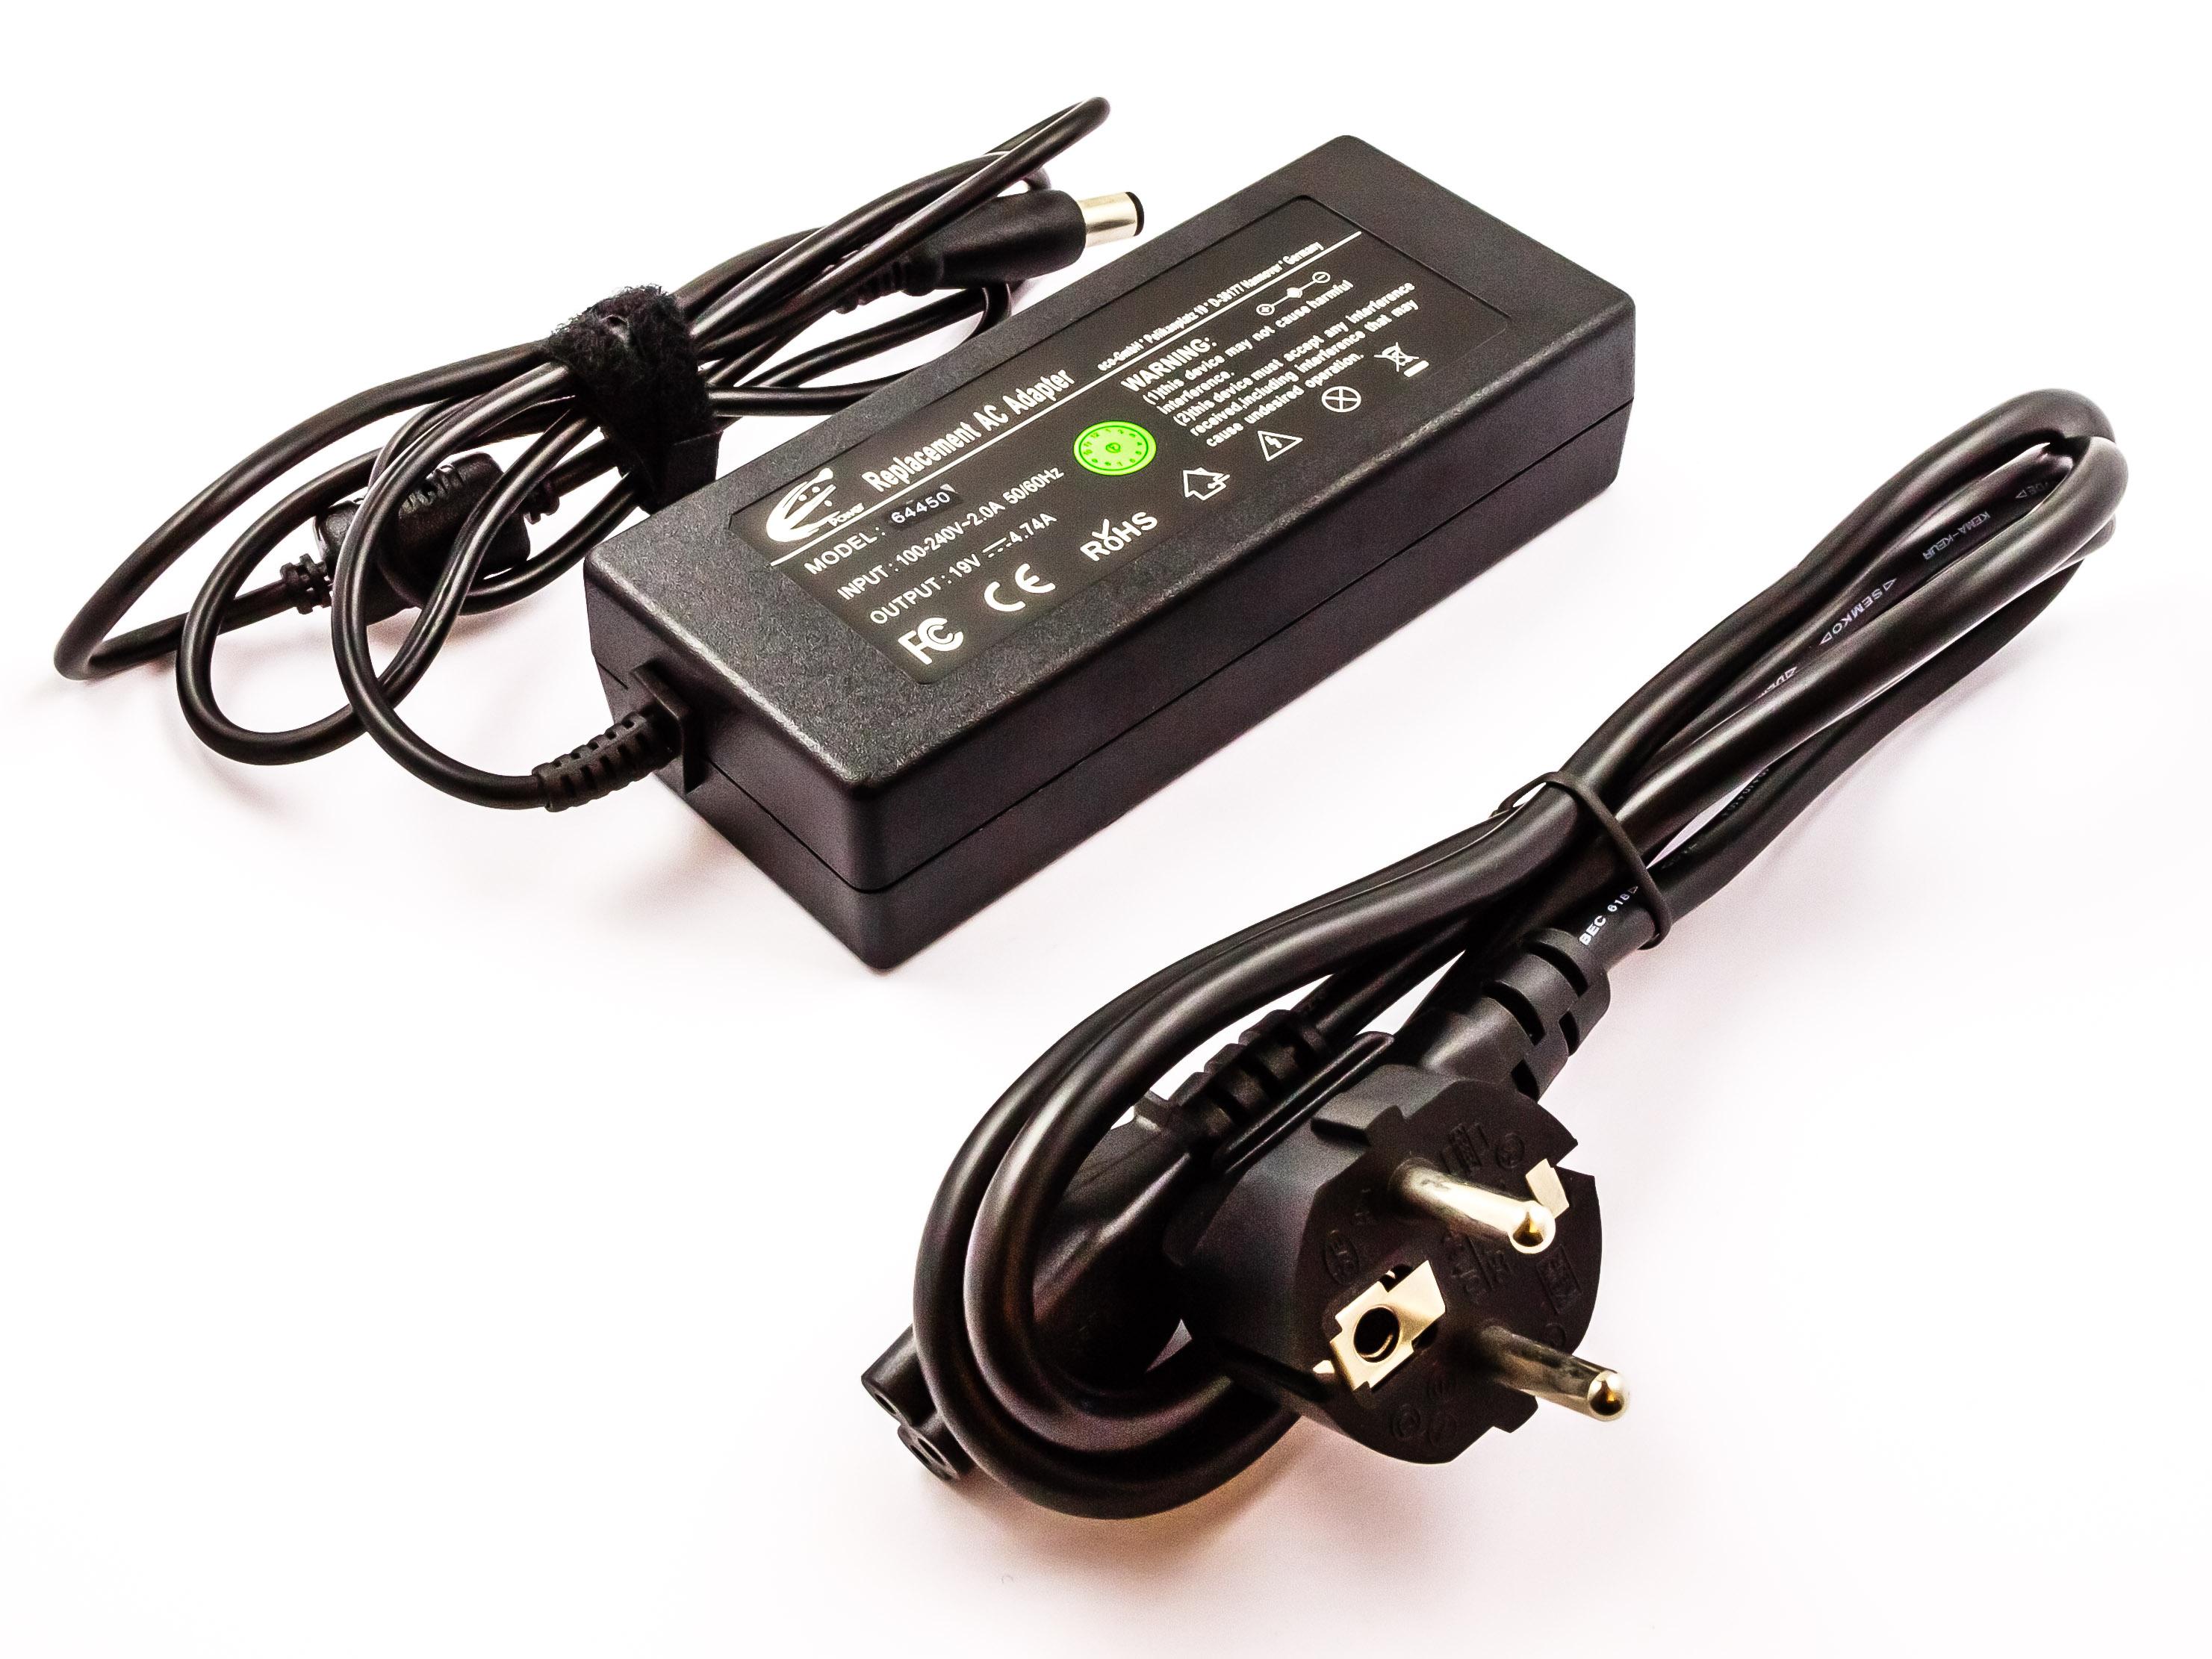 I Netzteil kompatibel mit HP 608428-002 kompatiblen